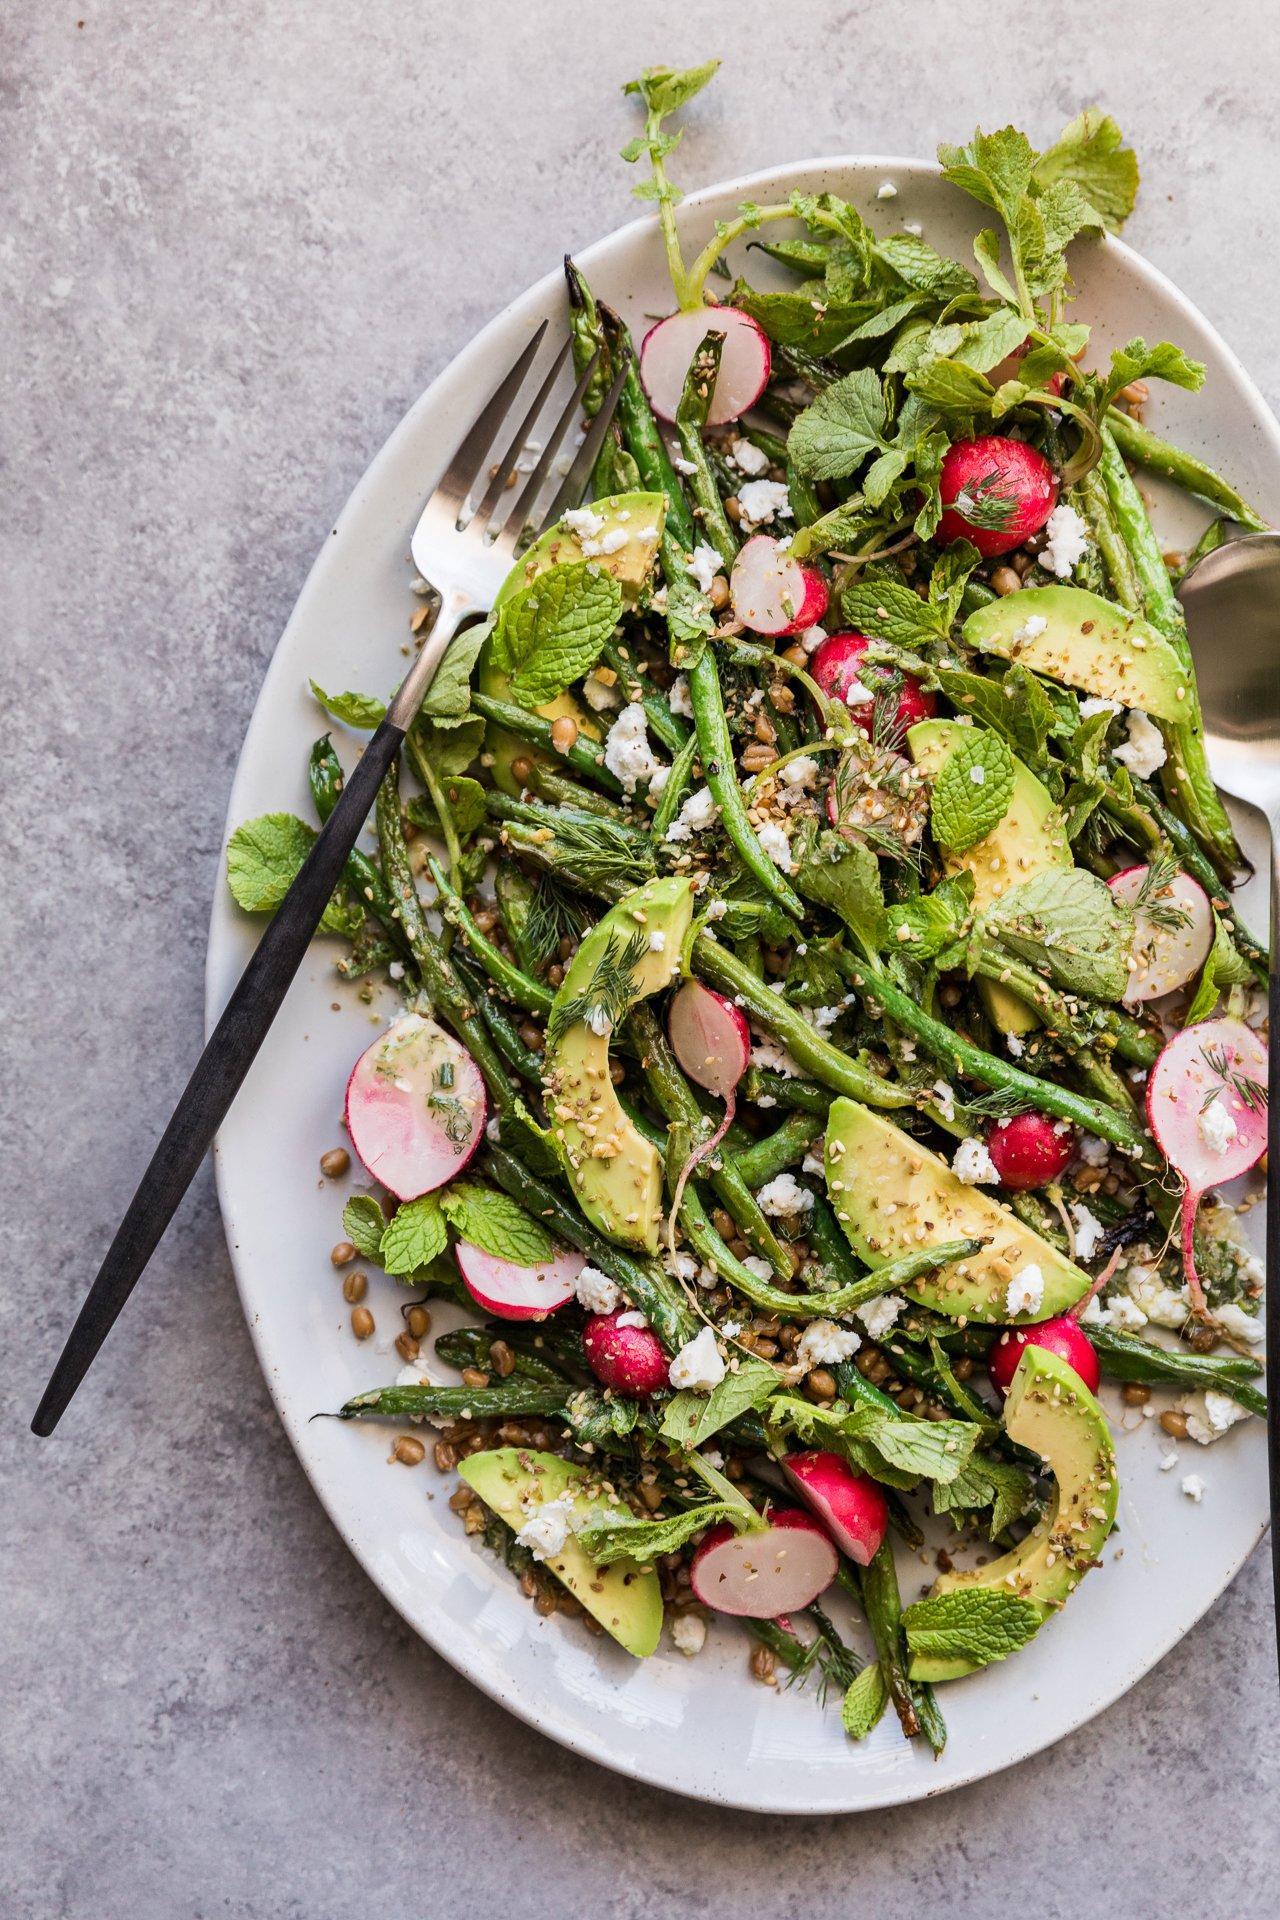 Grilled Green Bean Salad   HonestlyYUM (honestlyyum.com)